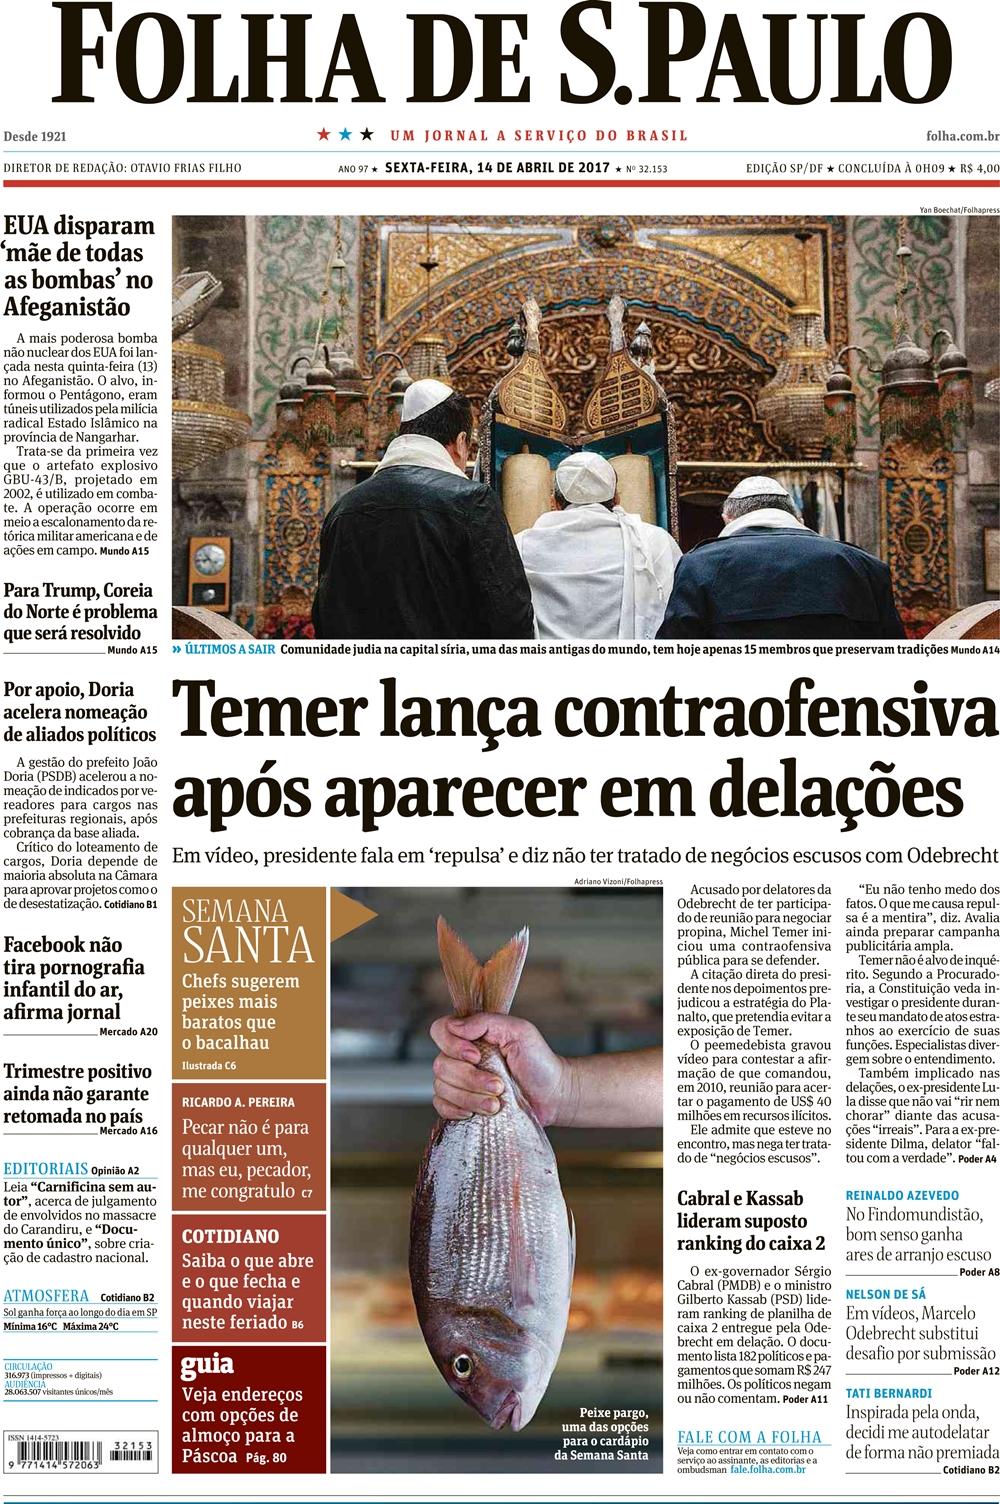 Comedoria Gonzales na Folha 1 - 14 de abril.jpg